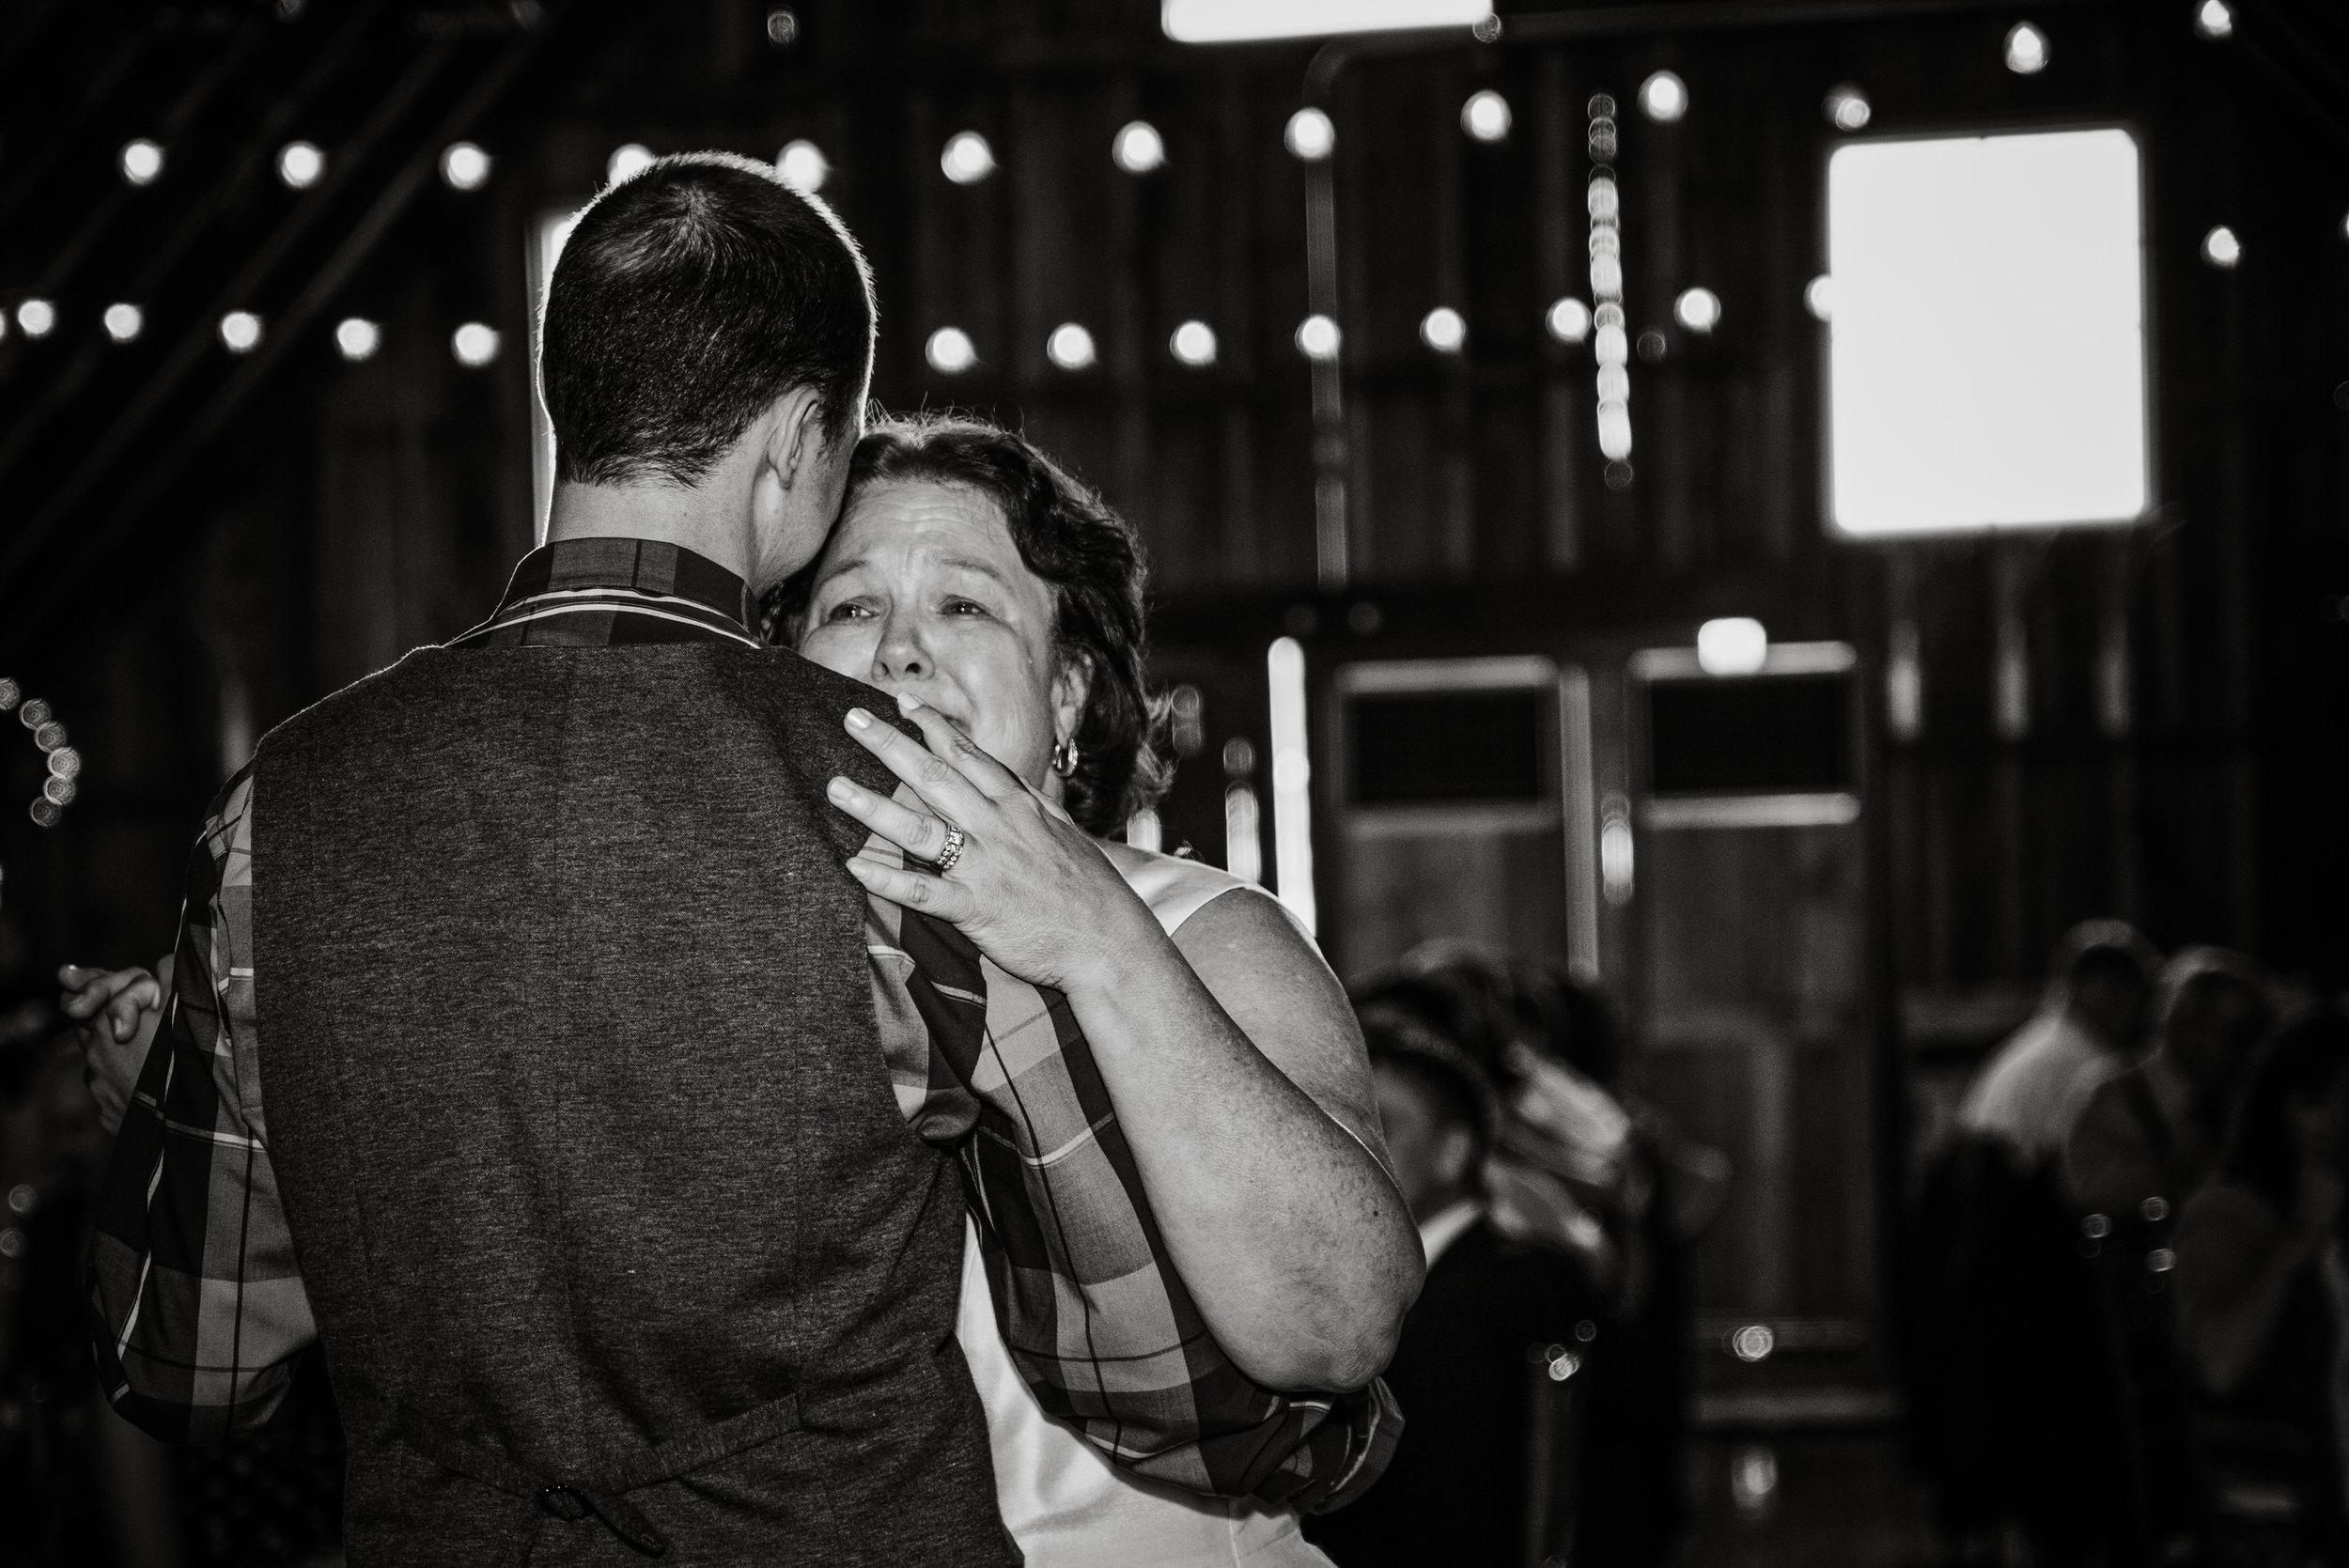 EastLynnFarmWedding-Stephanie&Aaron-Reception-65.jpg